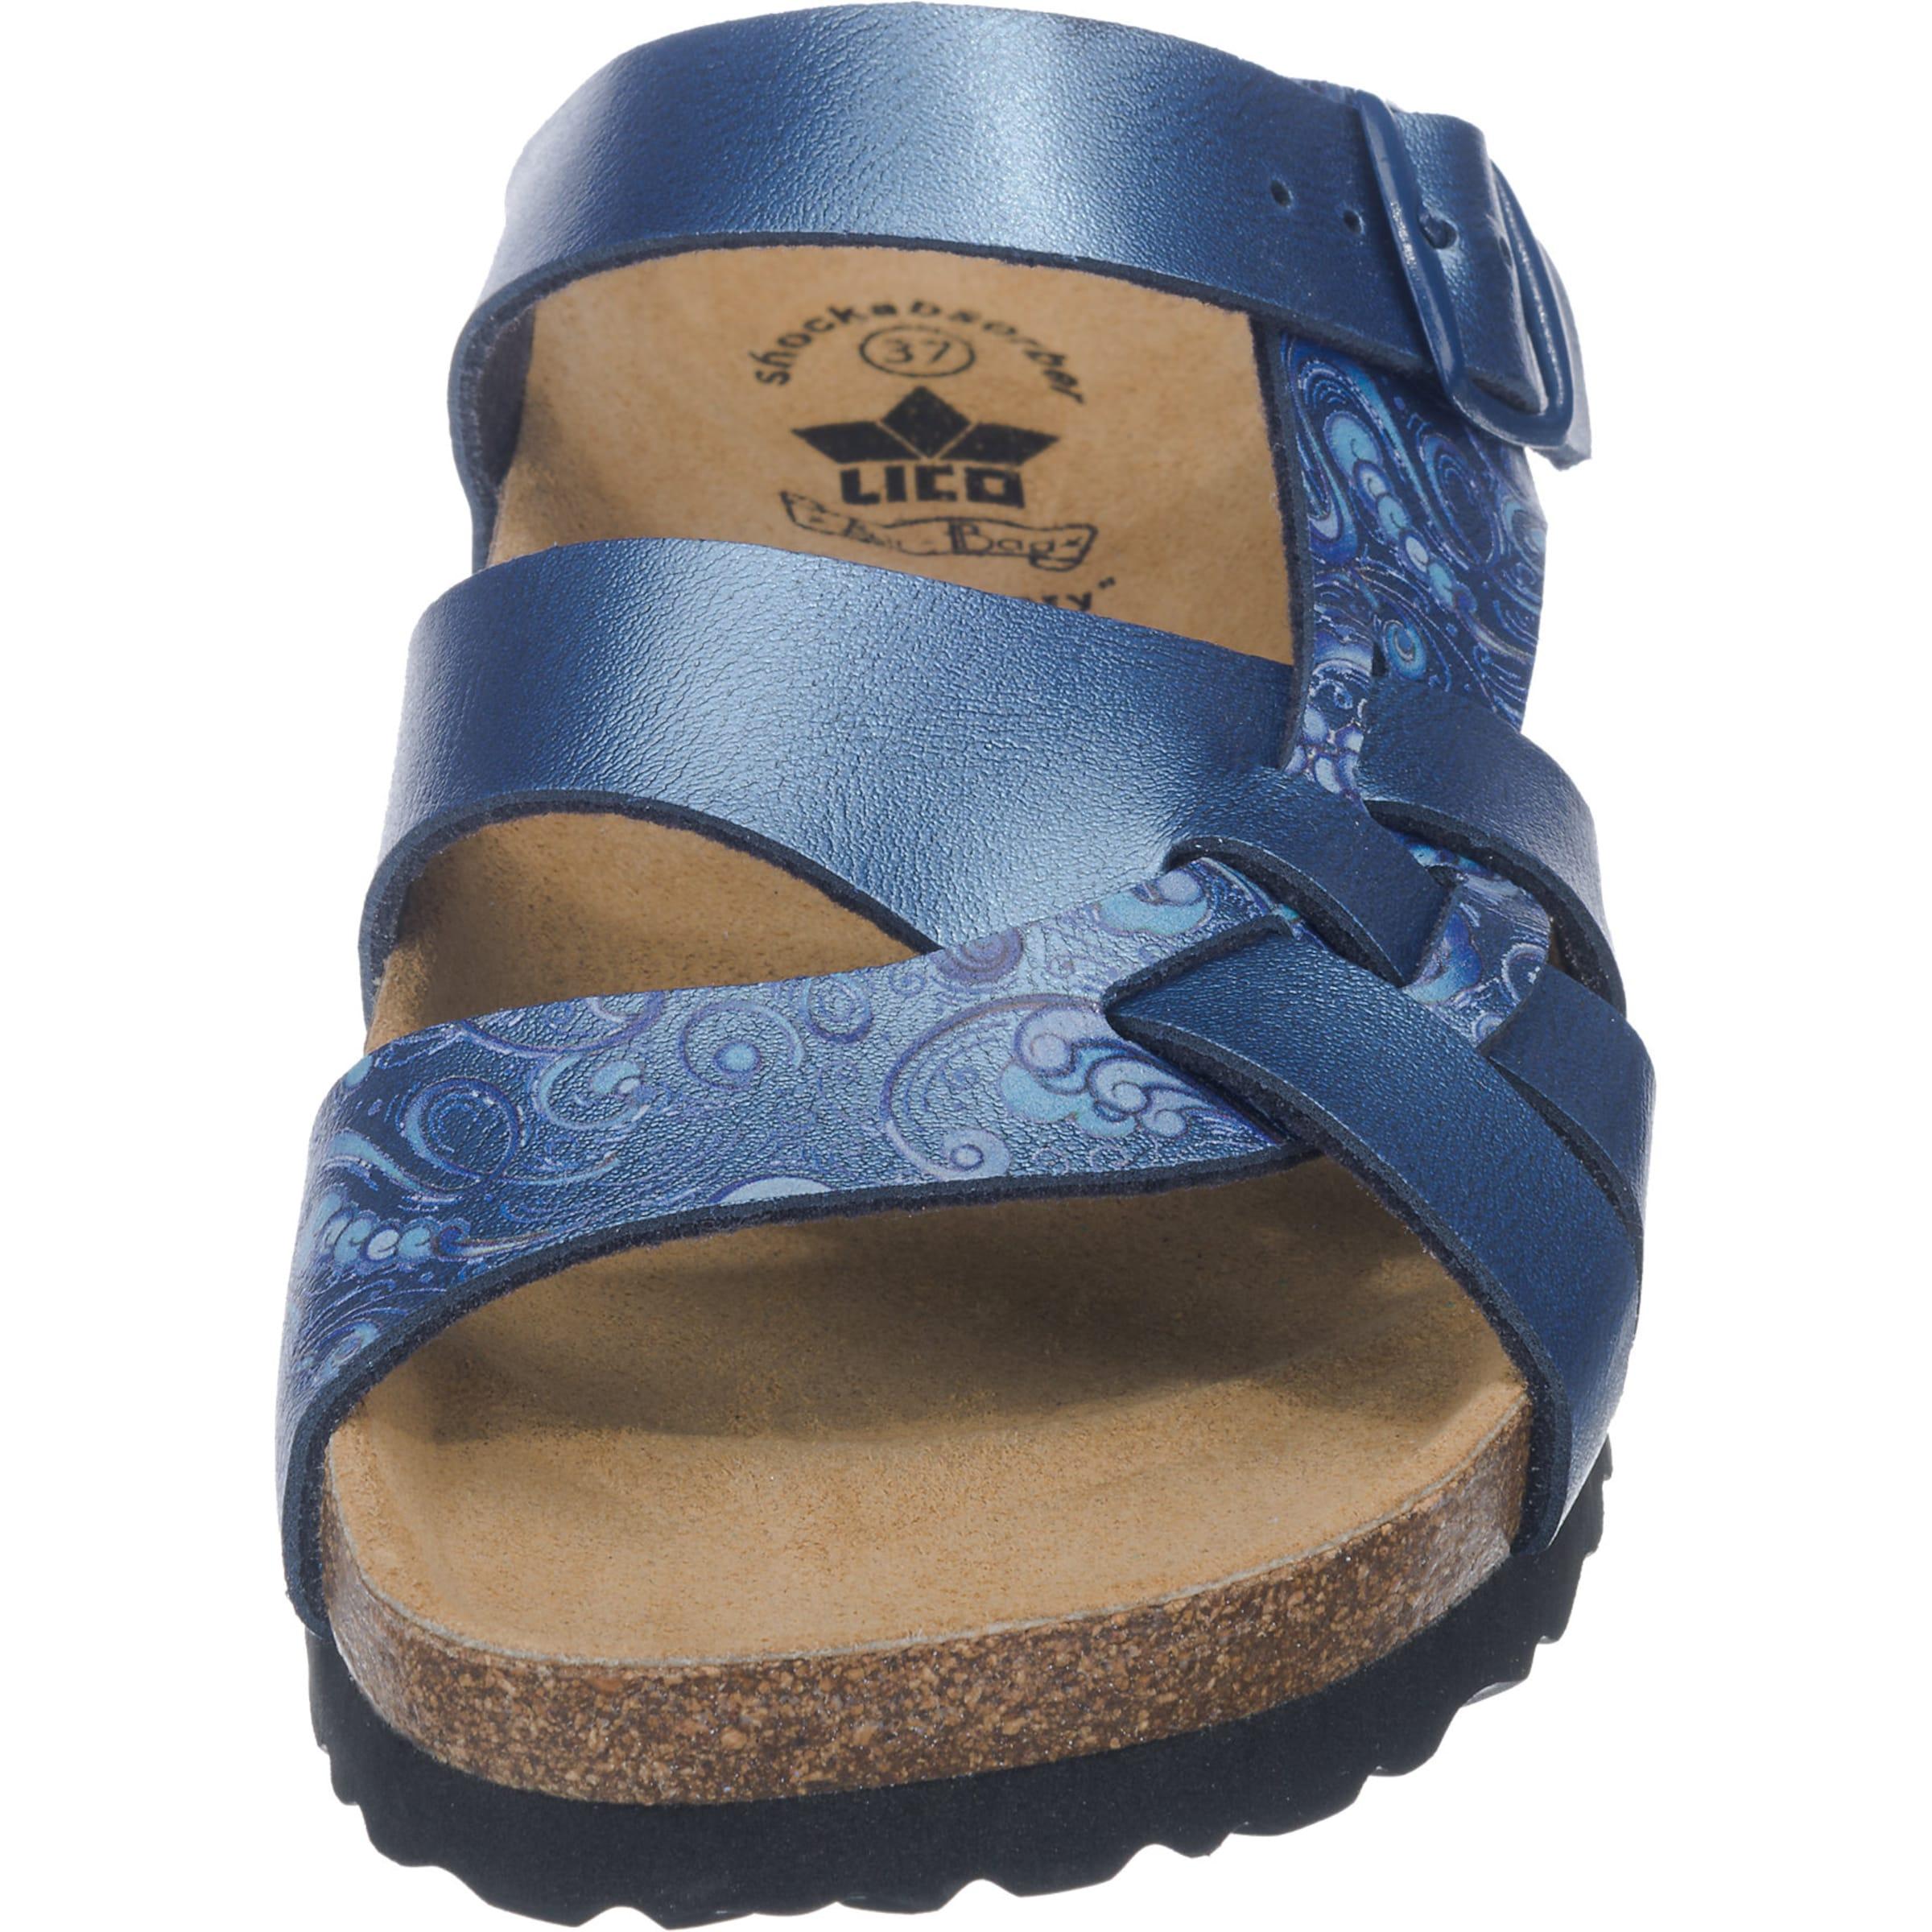 Blau In Flora Lico Pantoletten Bioline YeWH9bD2IE